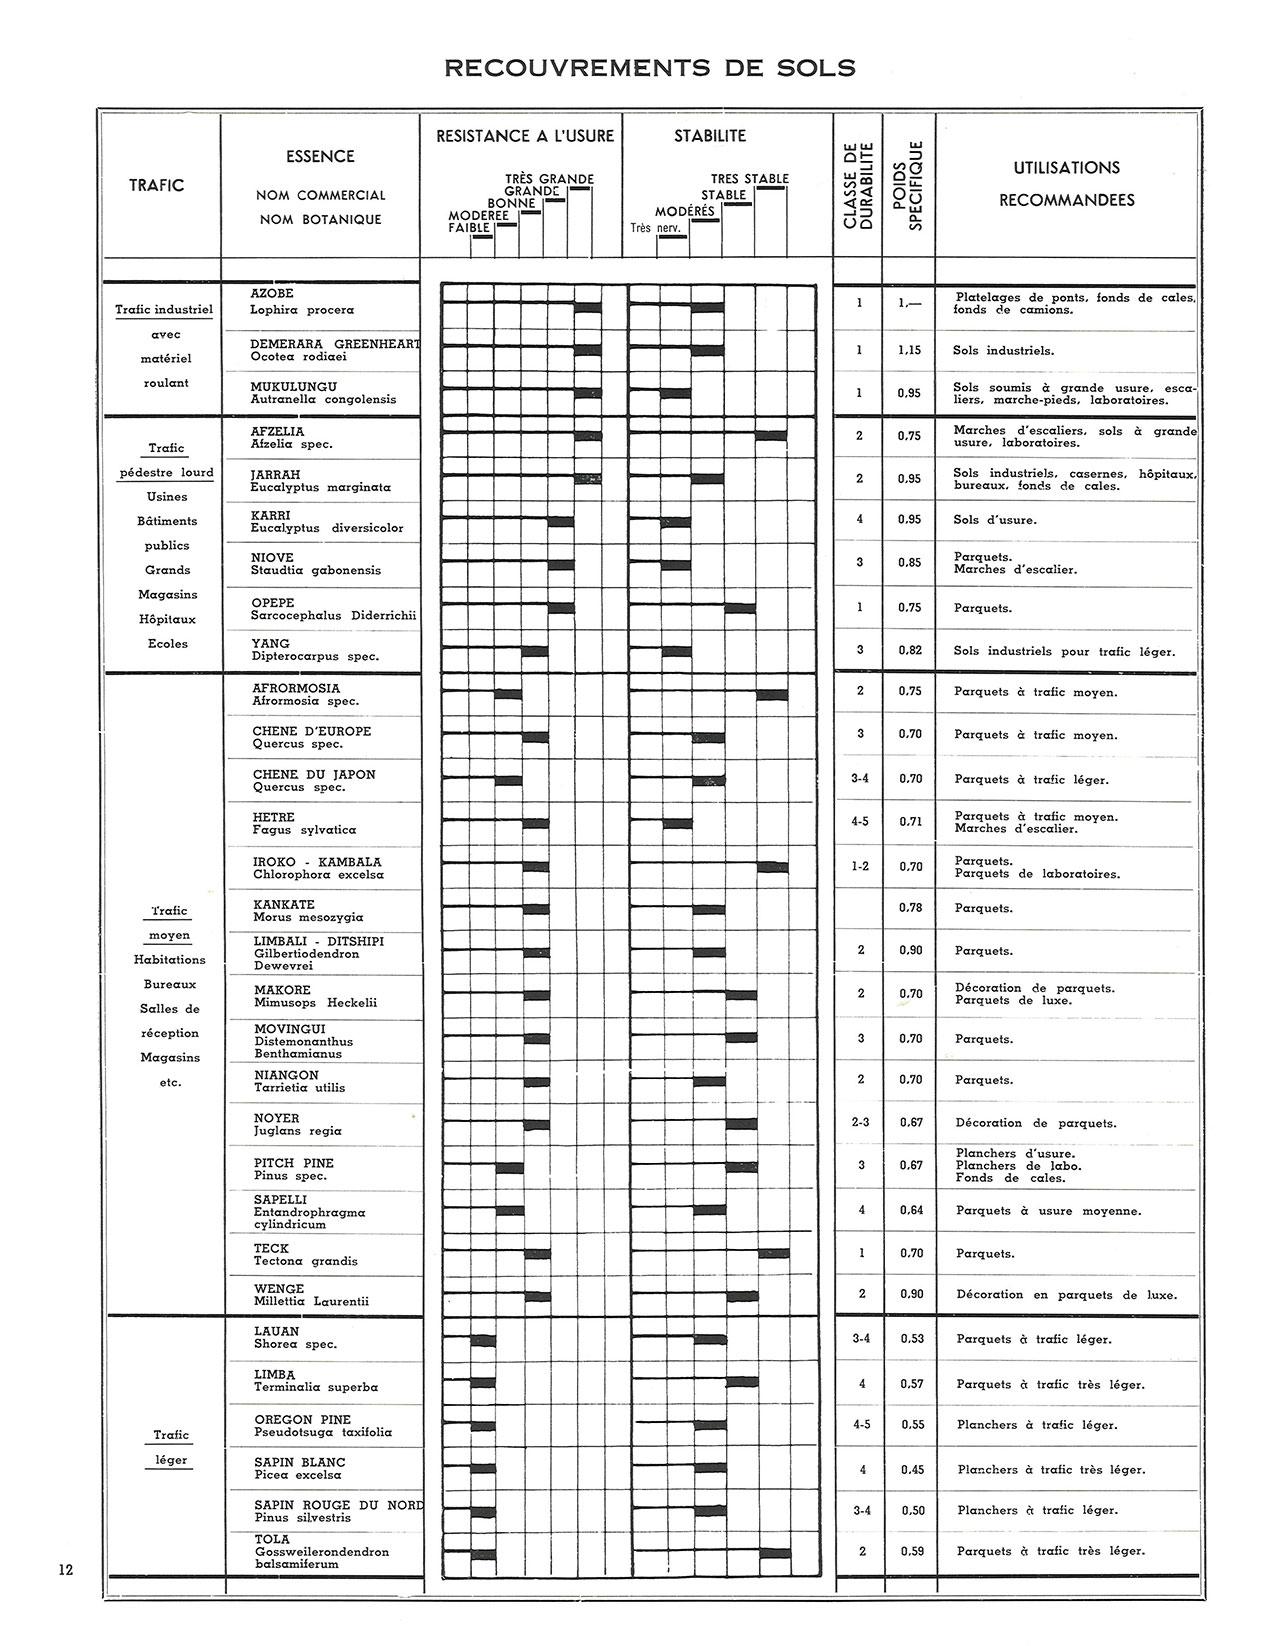 Tableaux synoptiques des principaux bois de menuiserie et de recouvrement de sol employés en Belgique